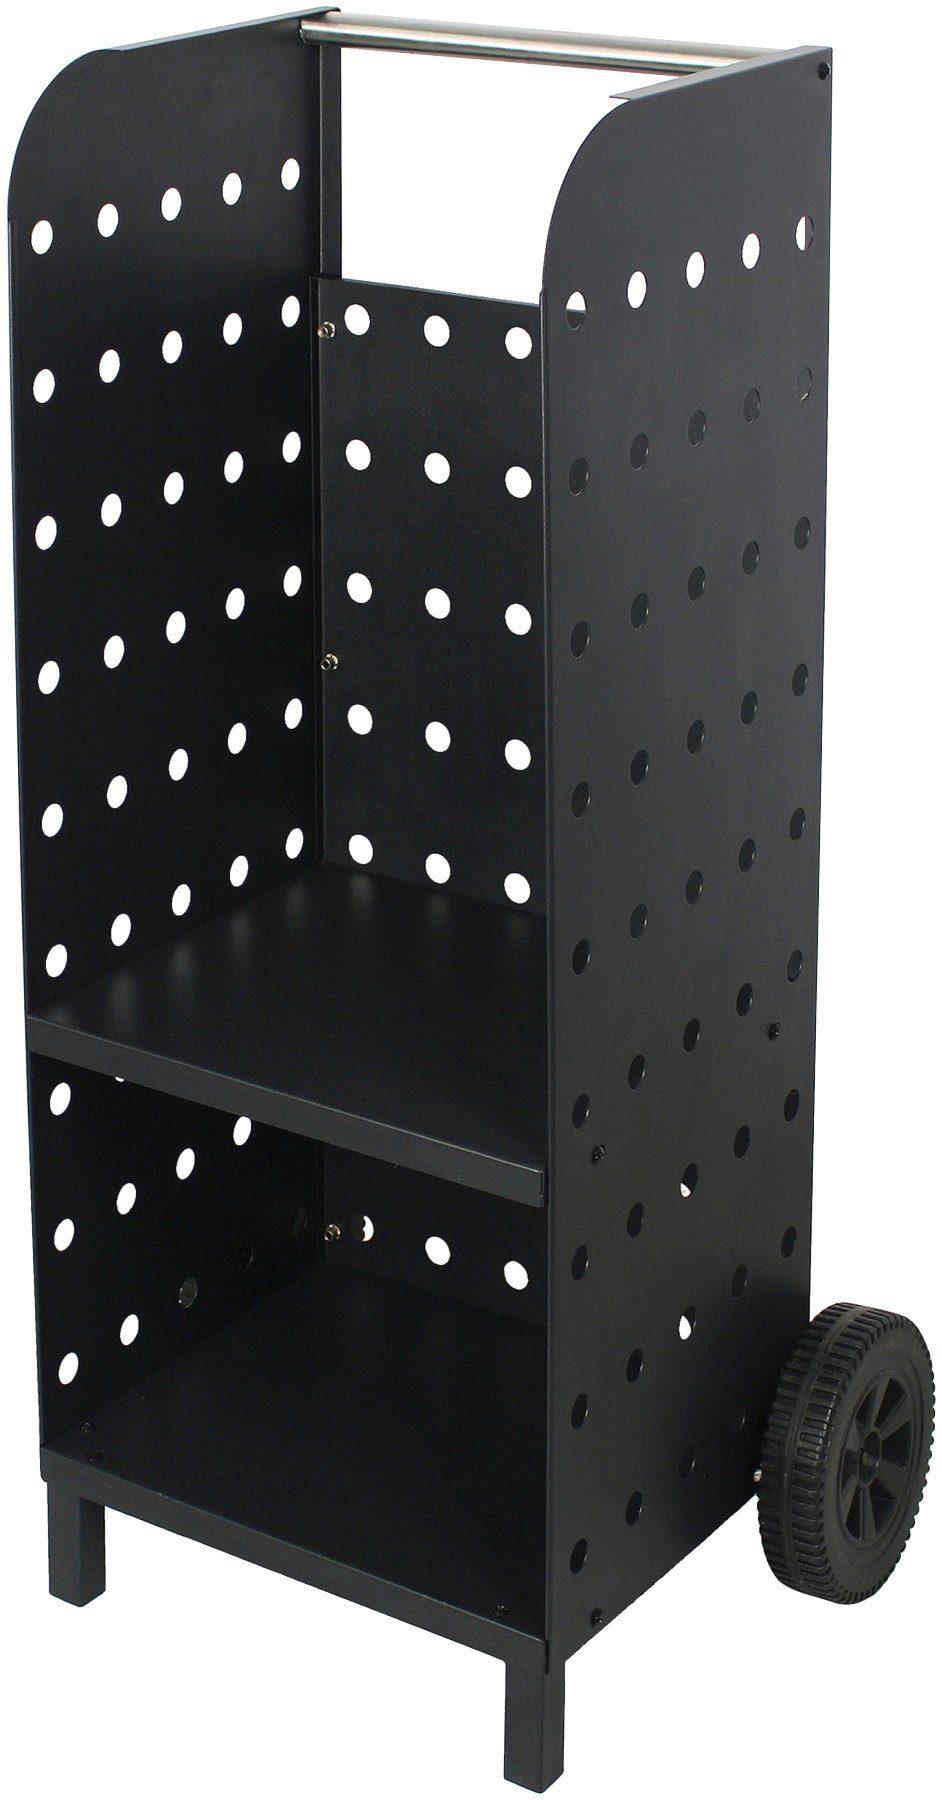 EL FUEGO Kaminholzregal »AY 499«, (H/B/L): ca. 104x48x41 cm